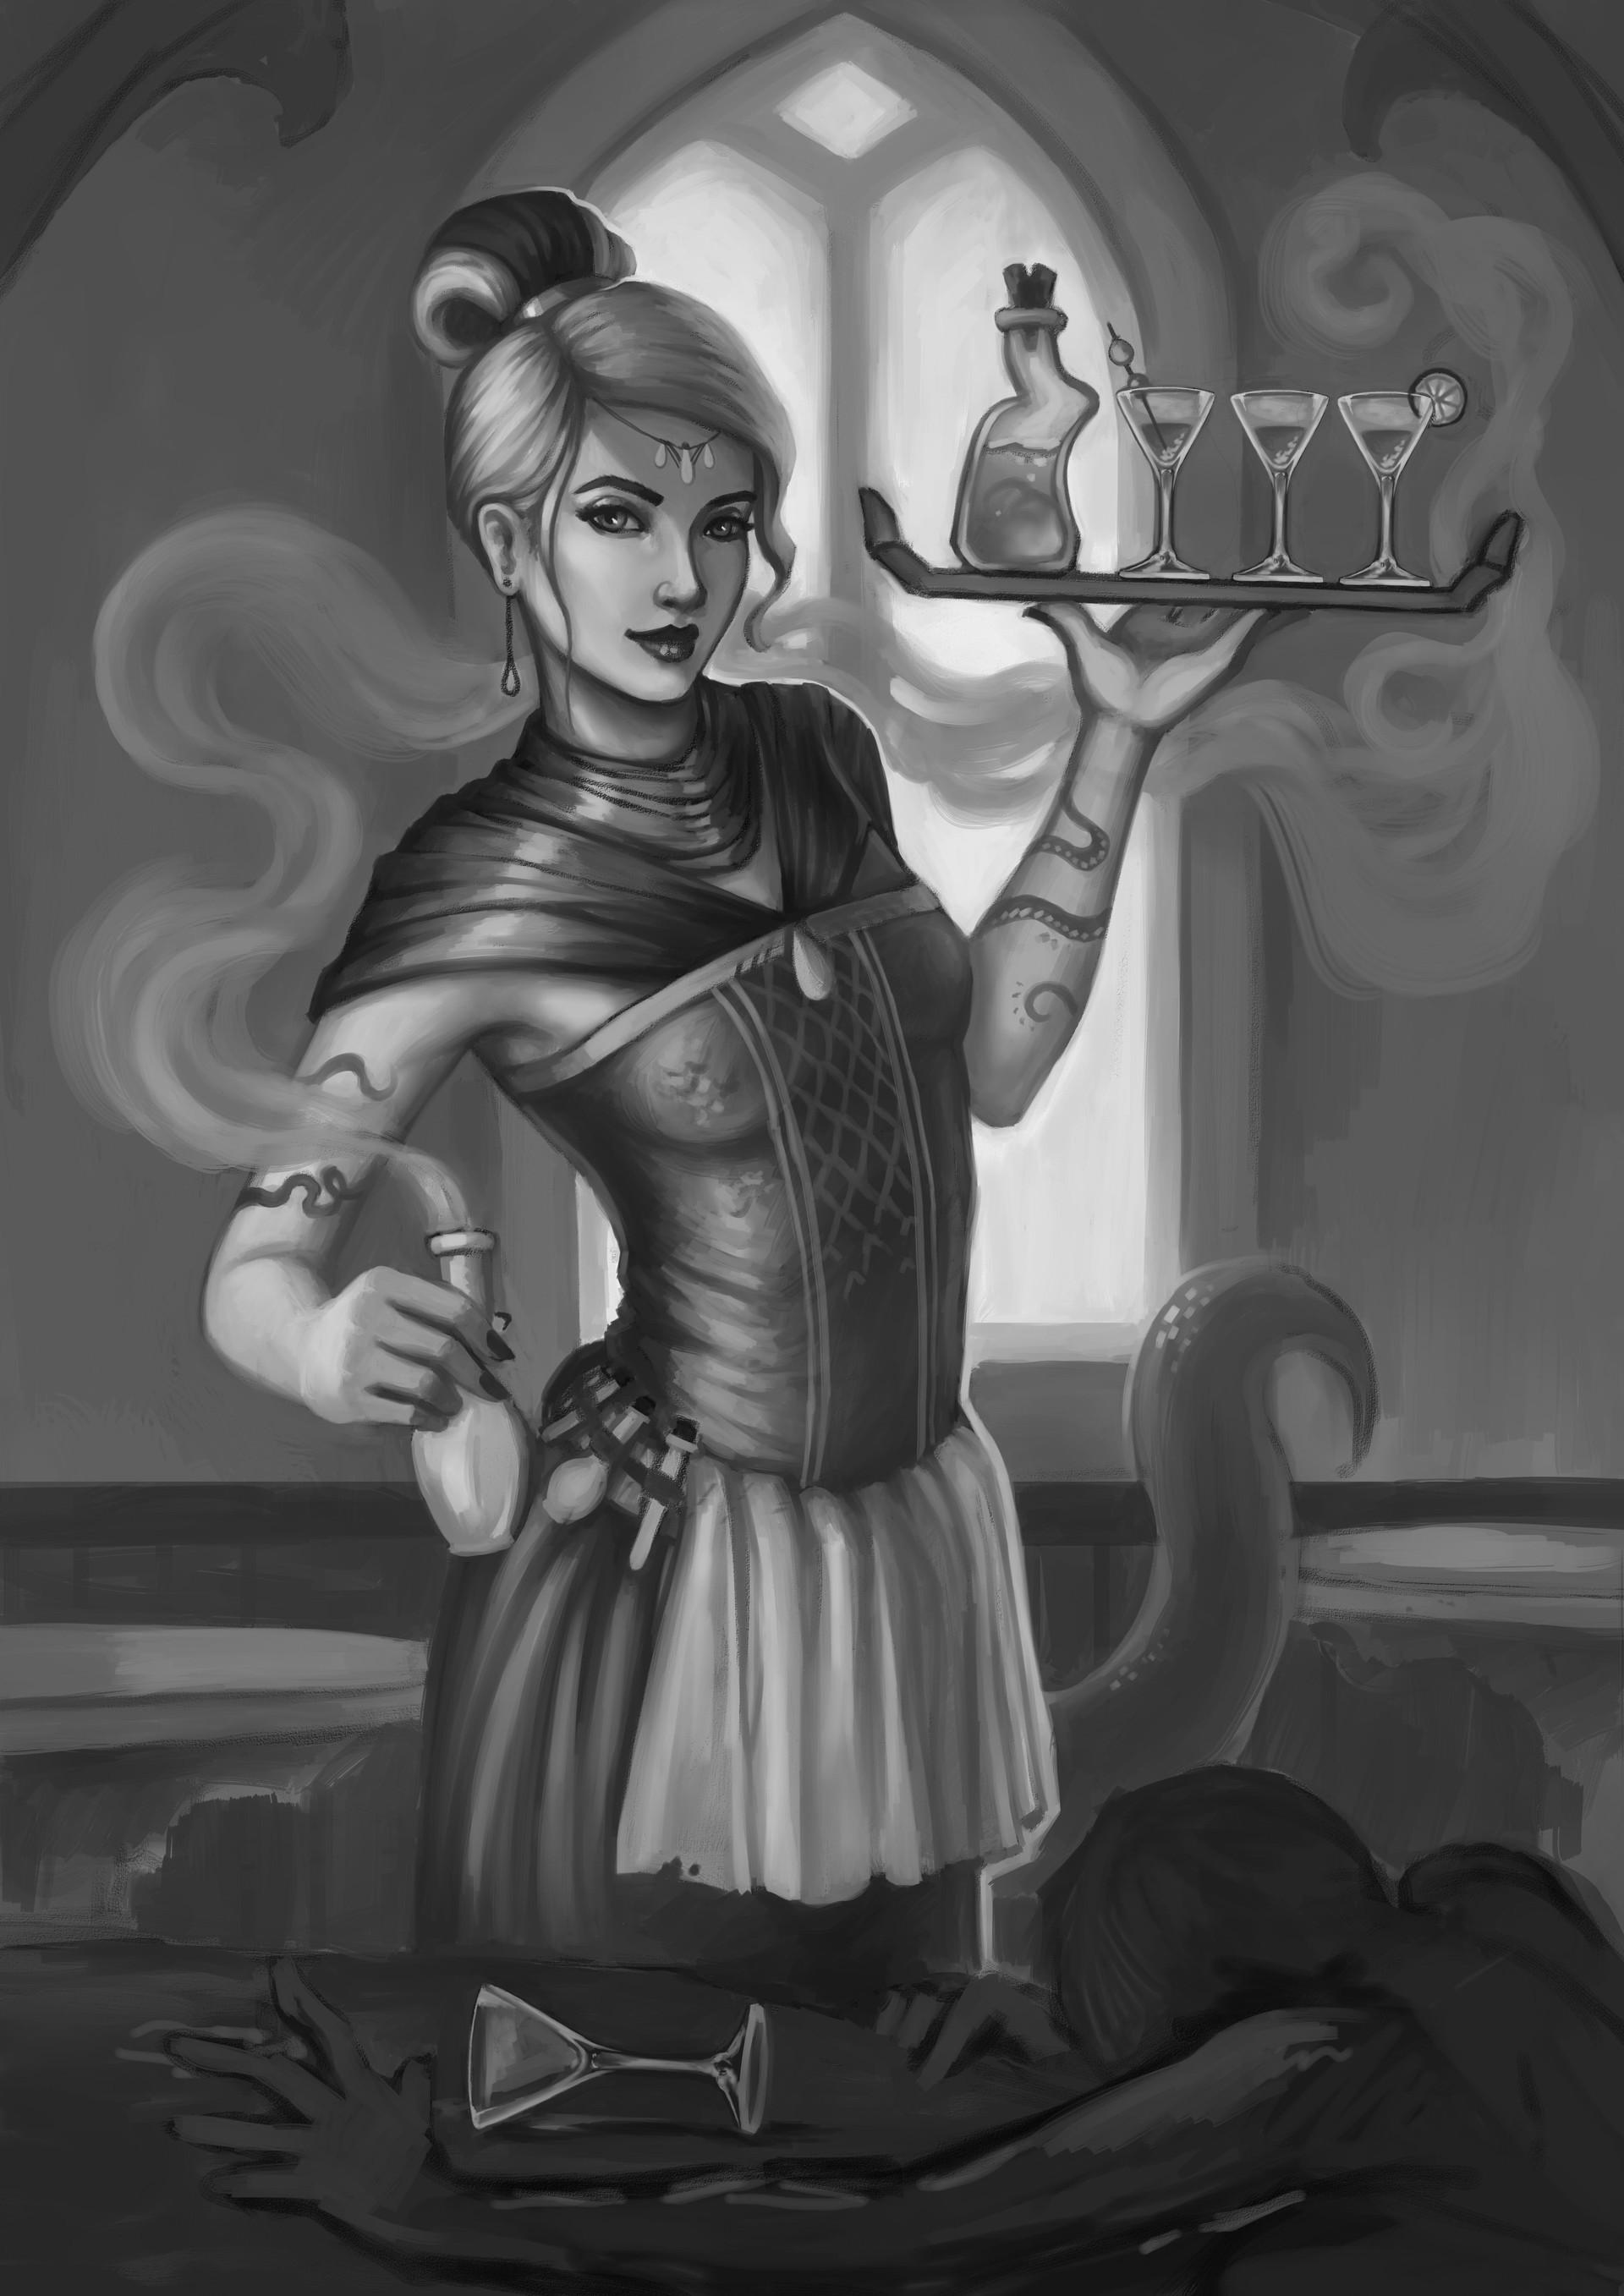 Barbara lucas poison waitress